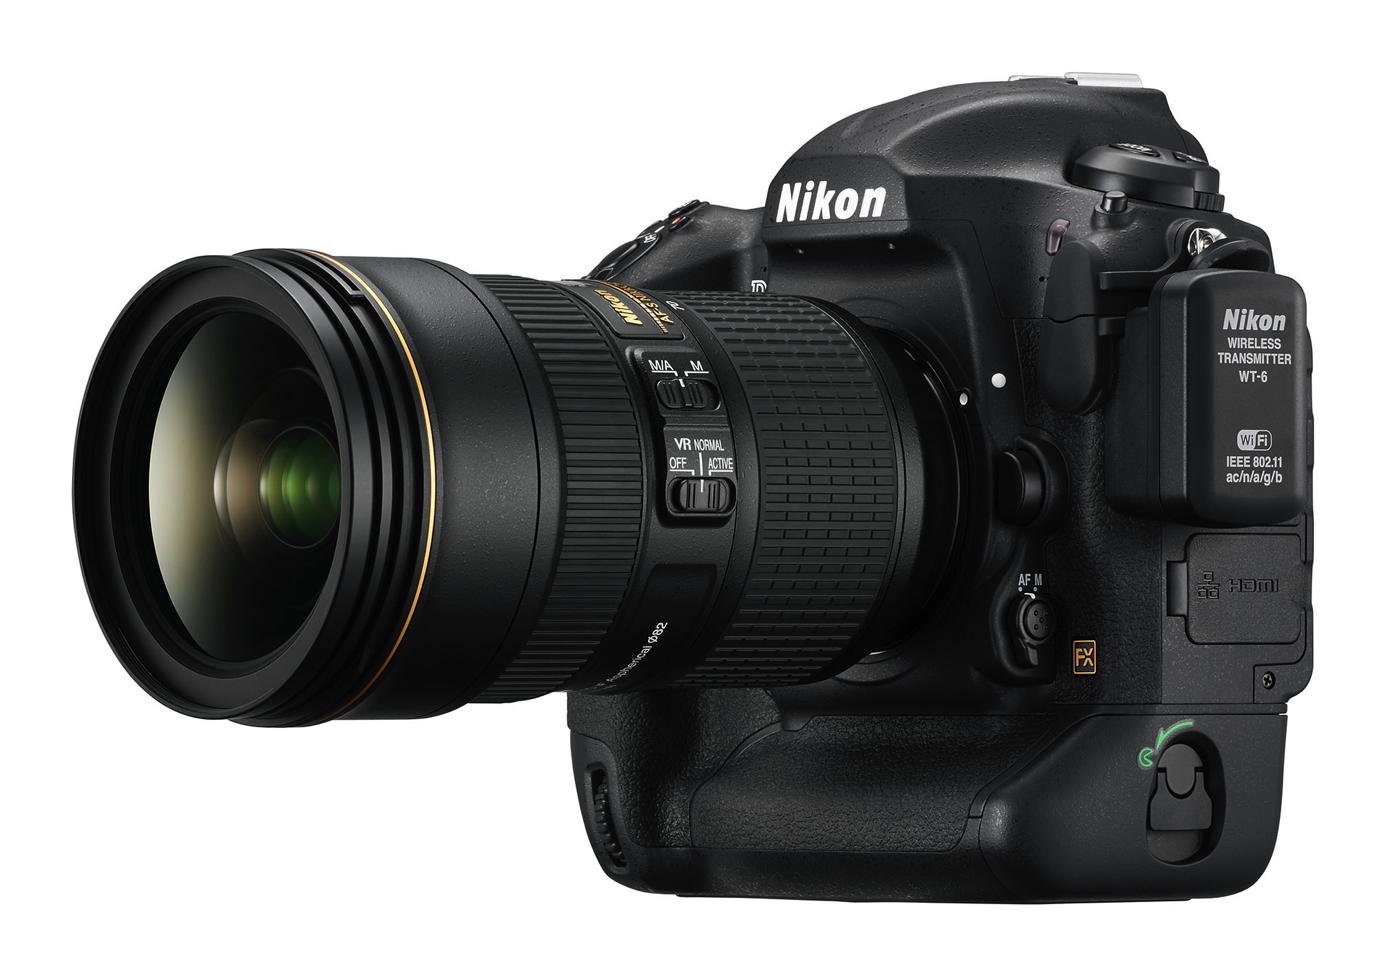 Nikon D5 Türkçe kullanım kılavuzu ve NEF Codec Sürüm 1.28.0